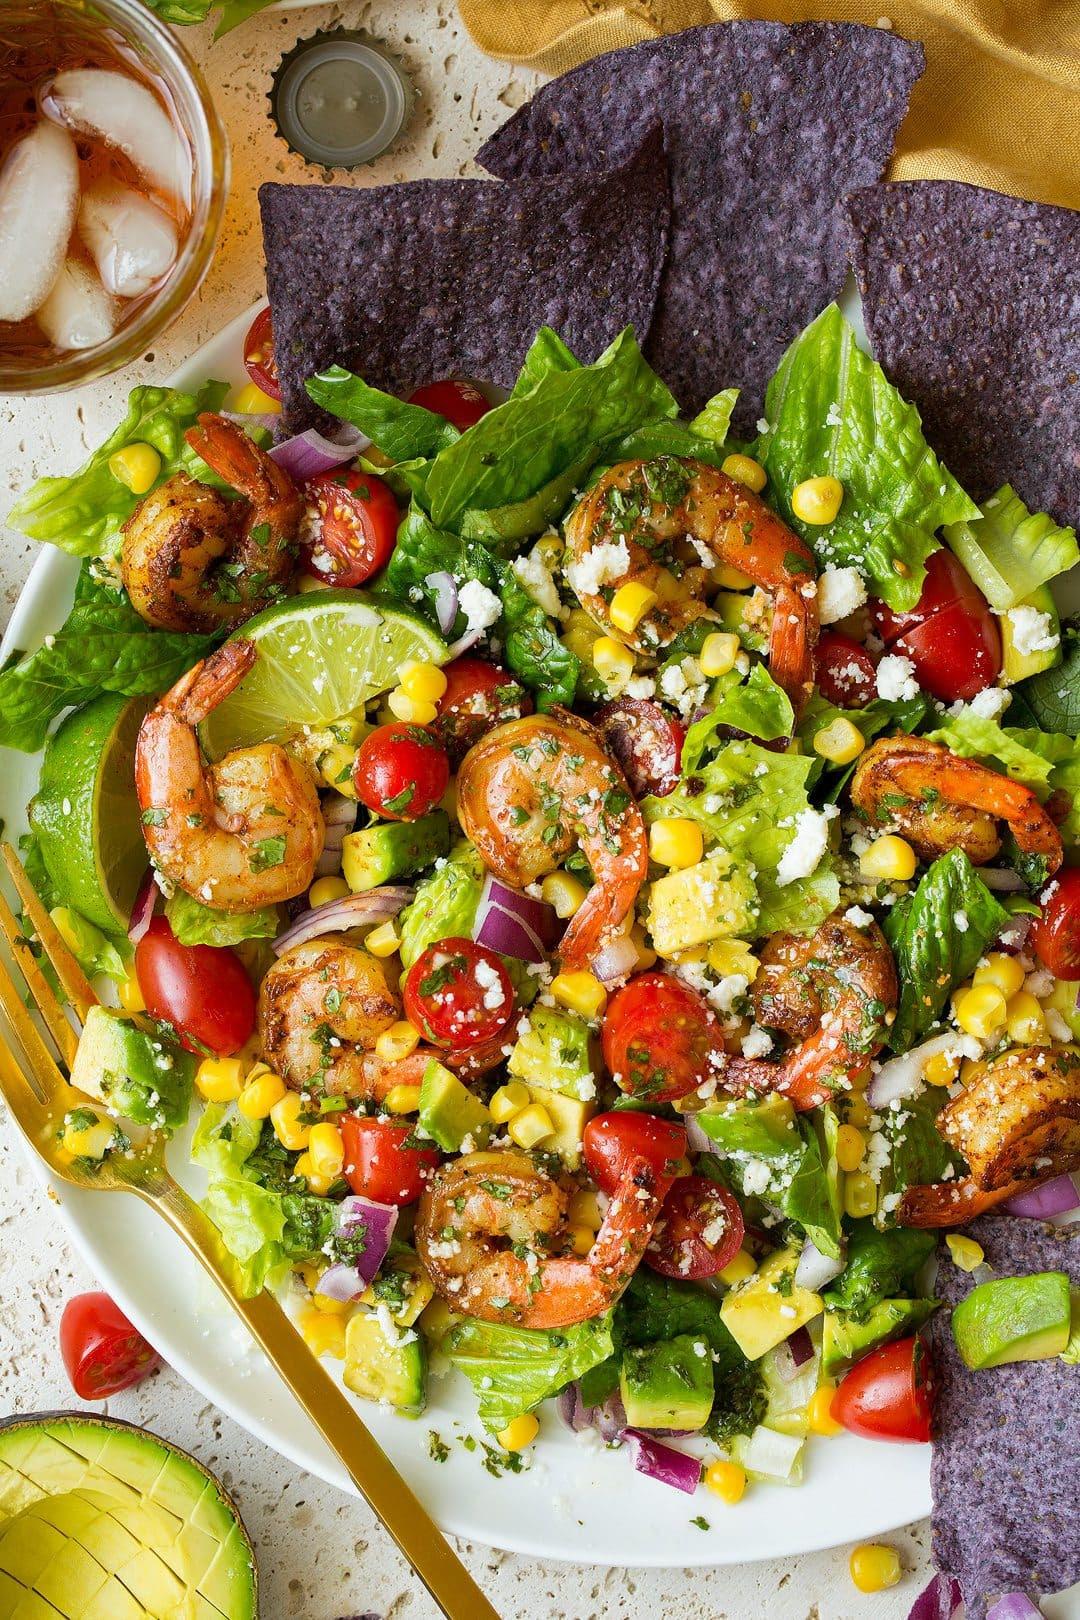 Shrimp along with also Avocado Taco Salad